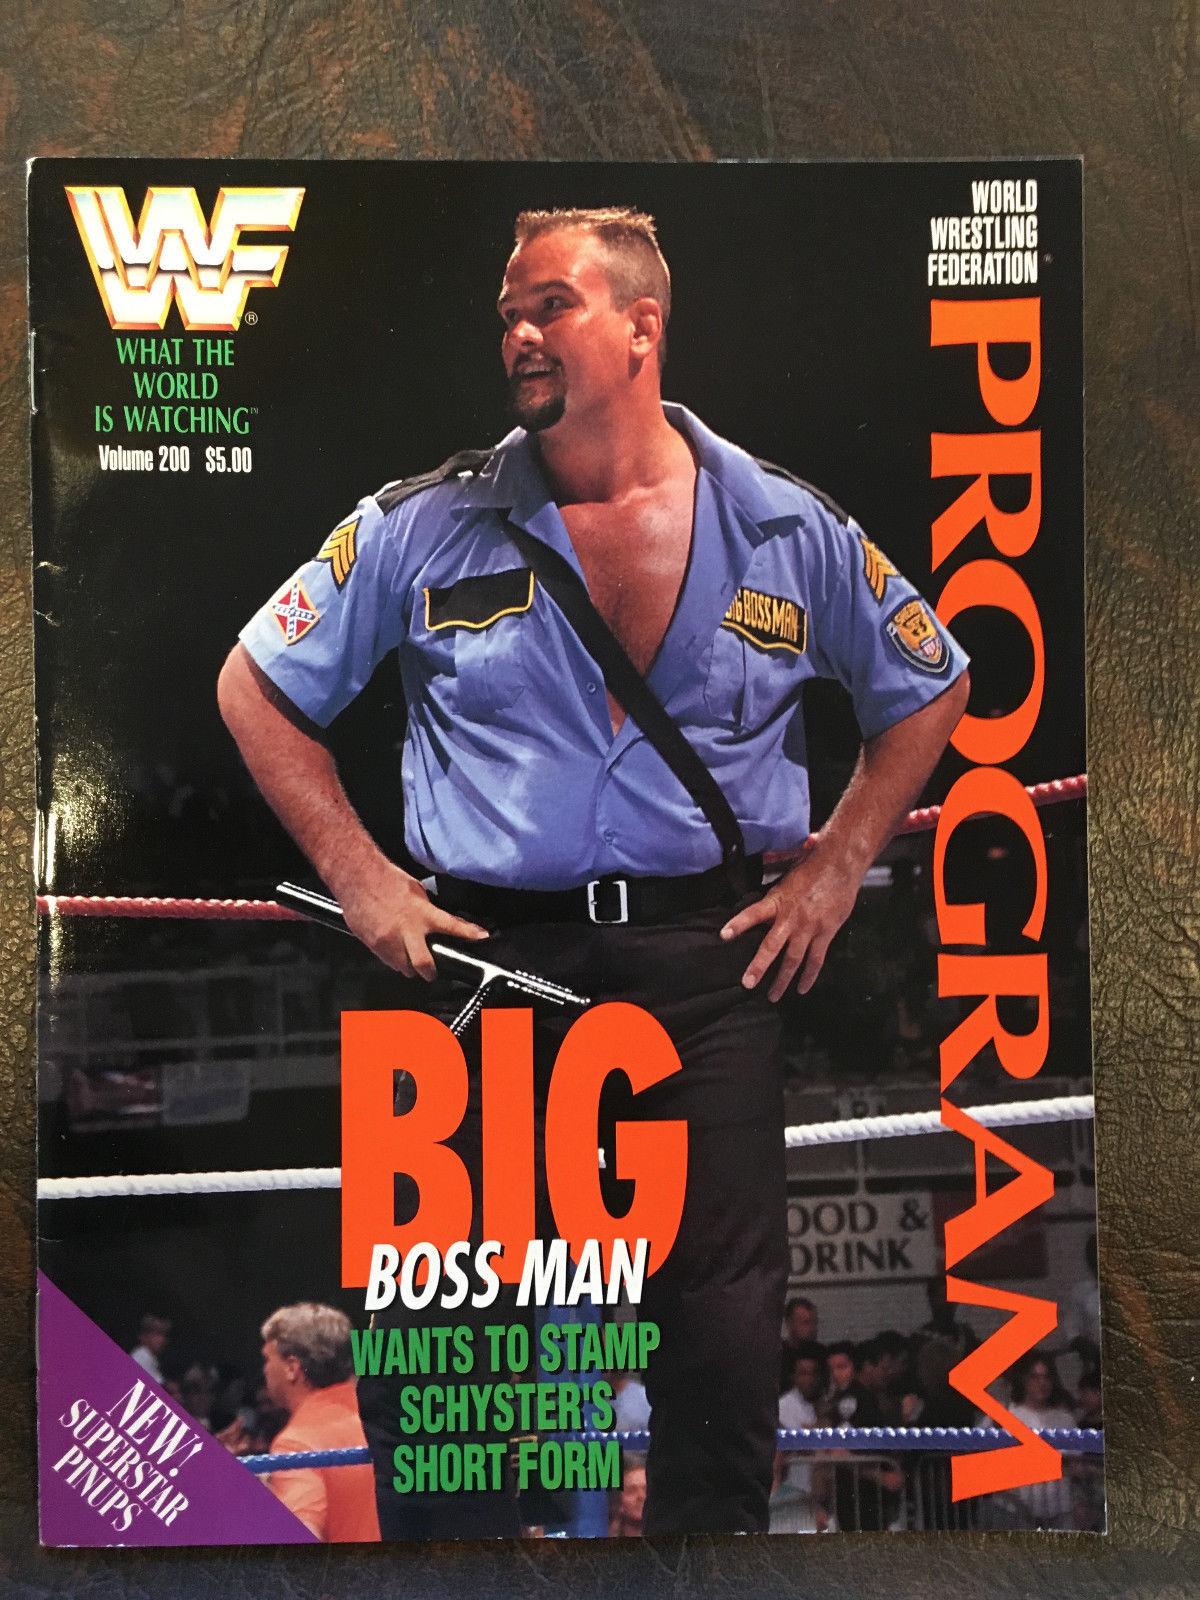 WWF Wrestling Program Volume 200 Pro Wrestling